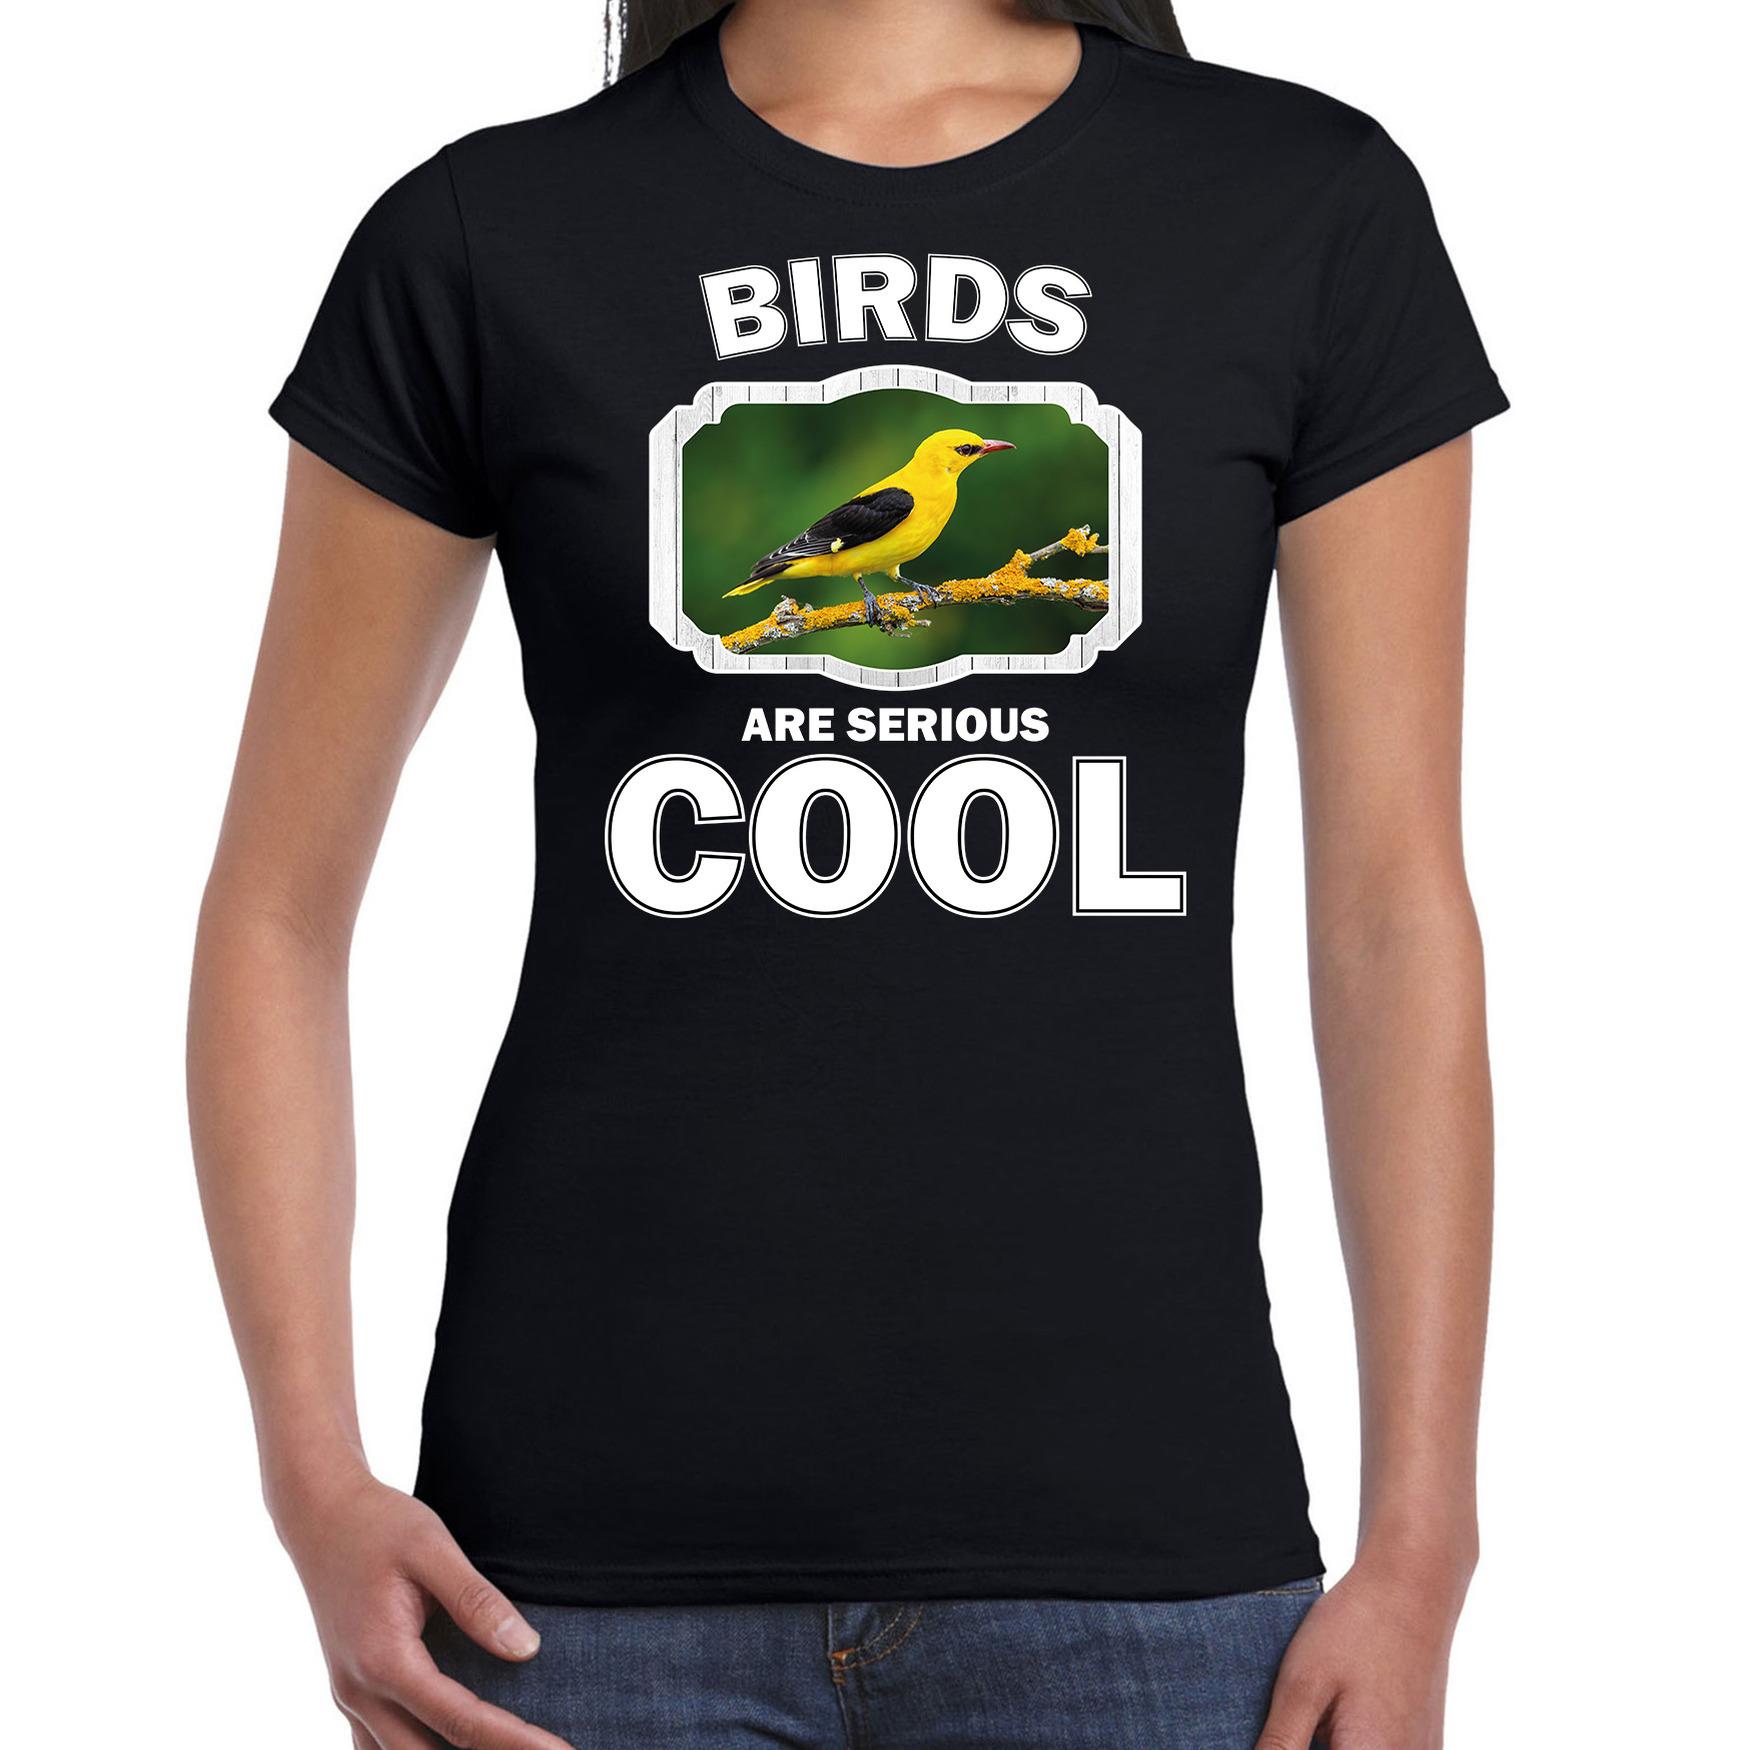 T-shirt birds are serious cool zwart dames - vogels/ wielewaal vogel shirt